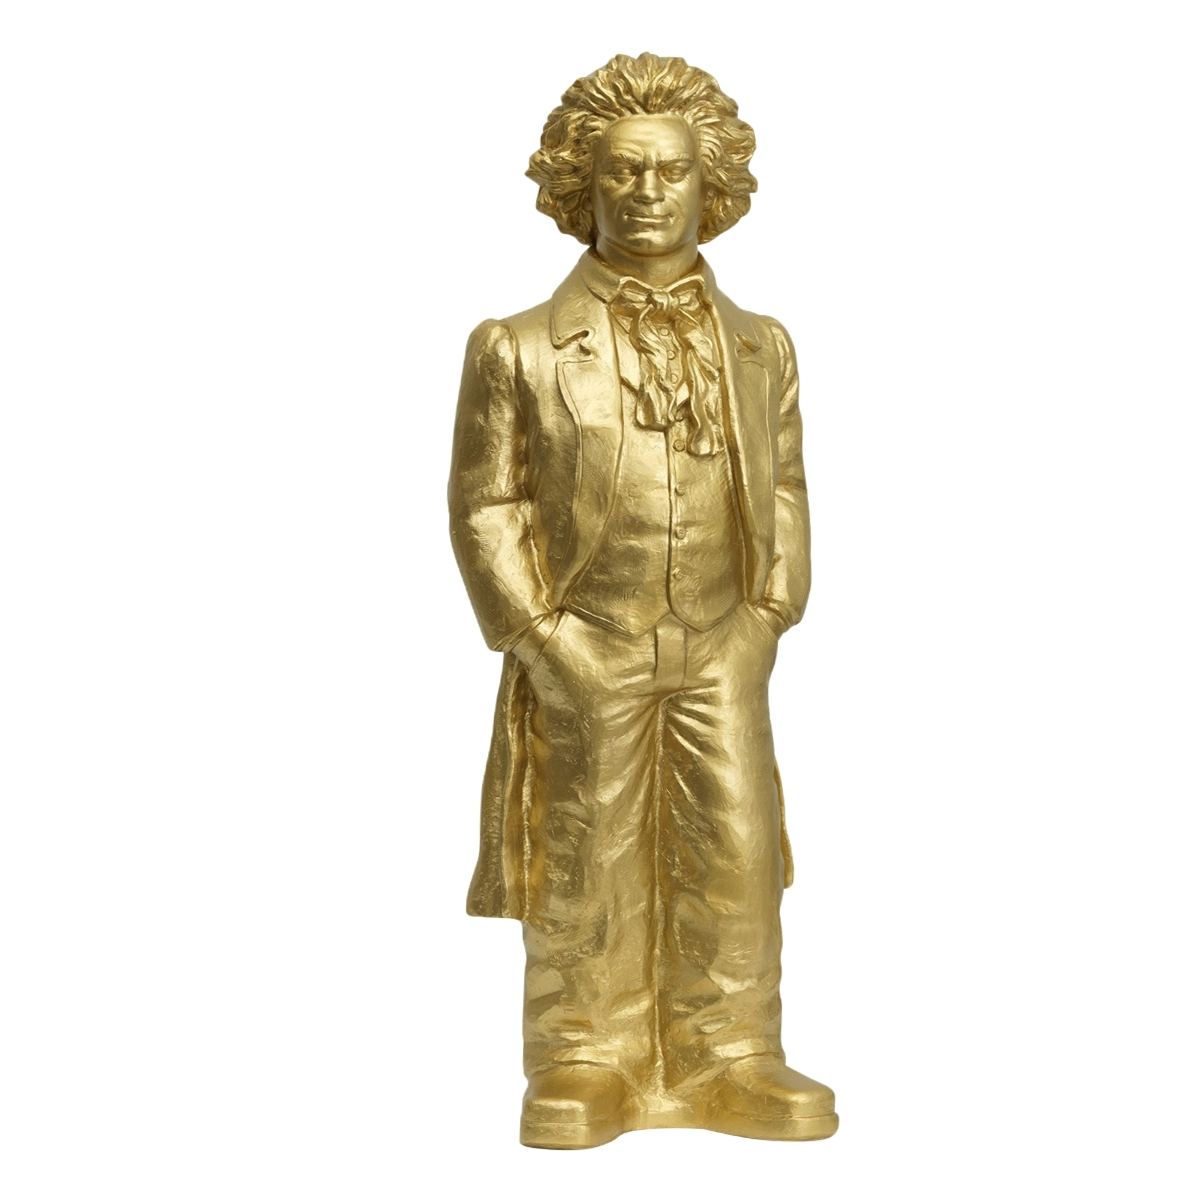 Ludwig van Beethoven - gold